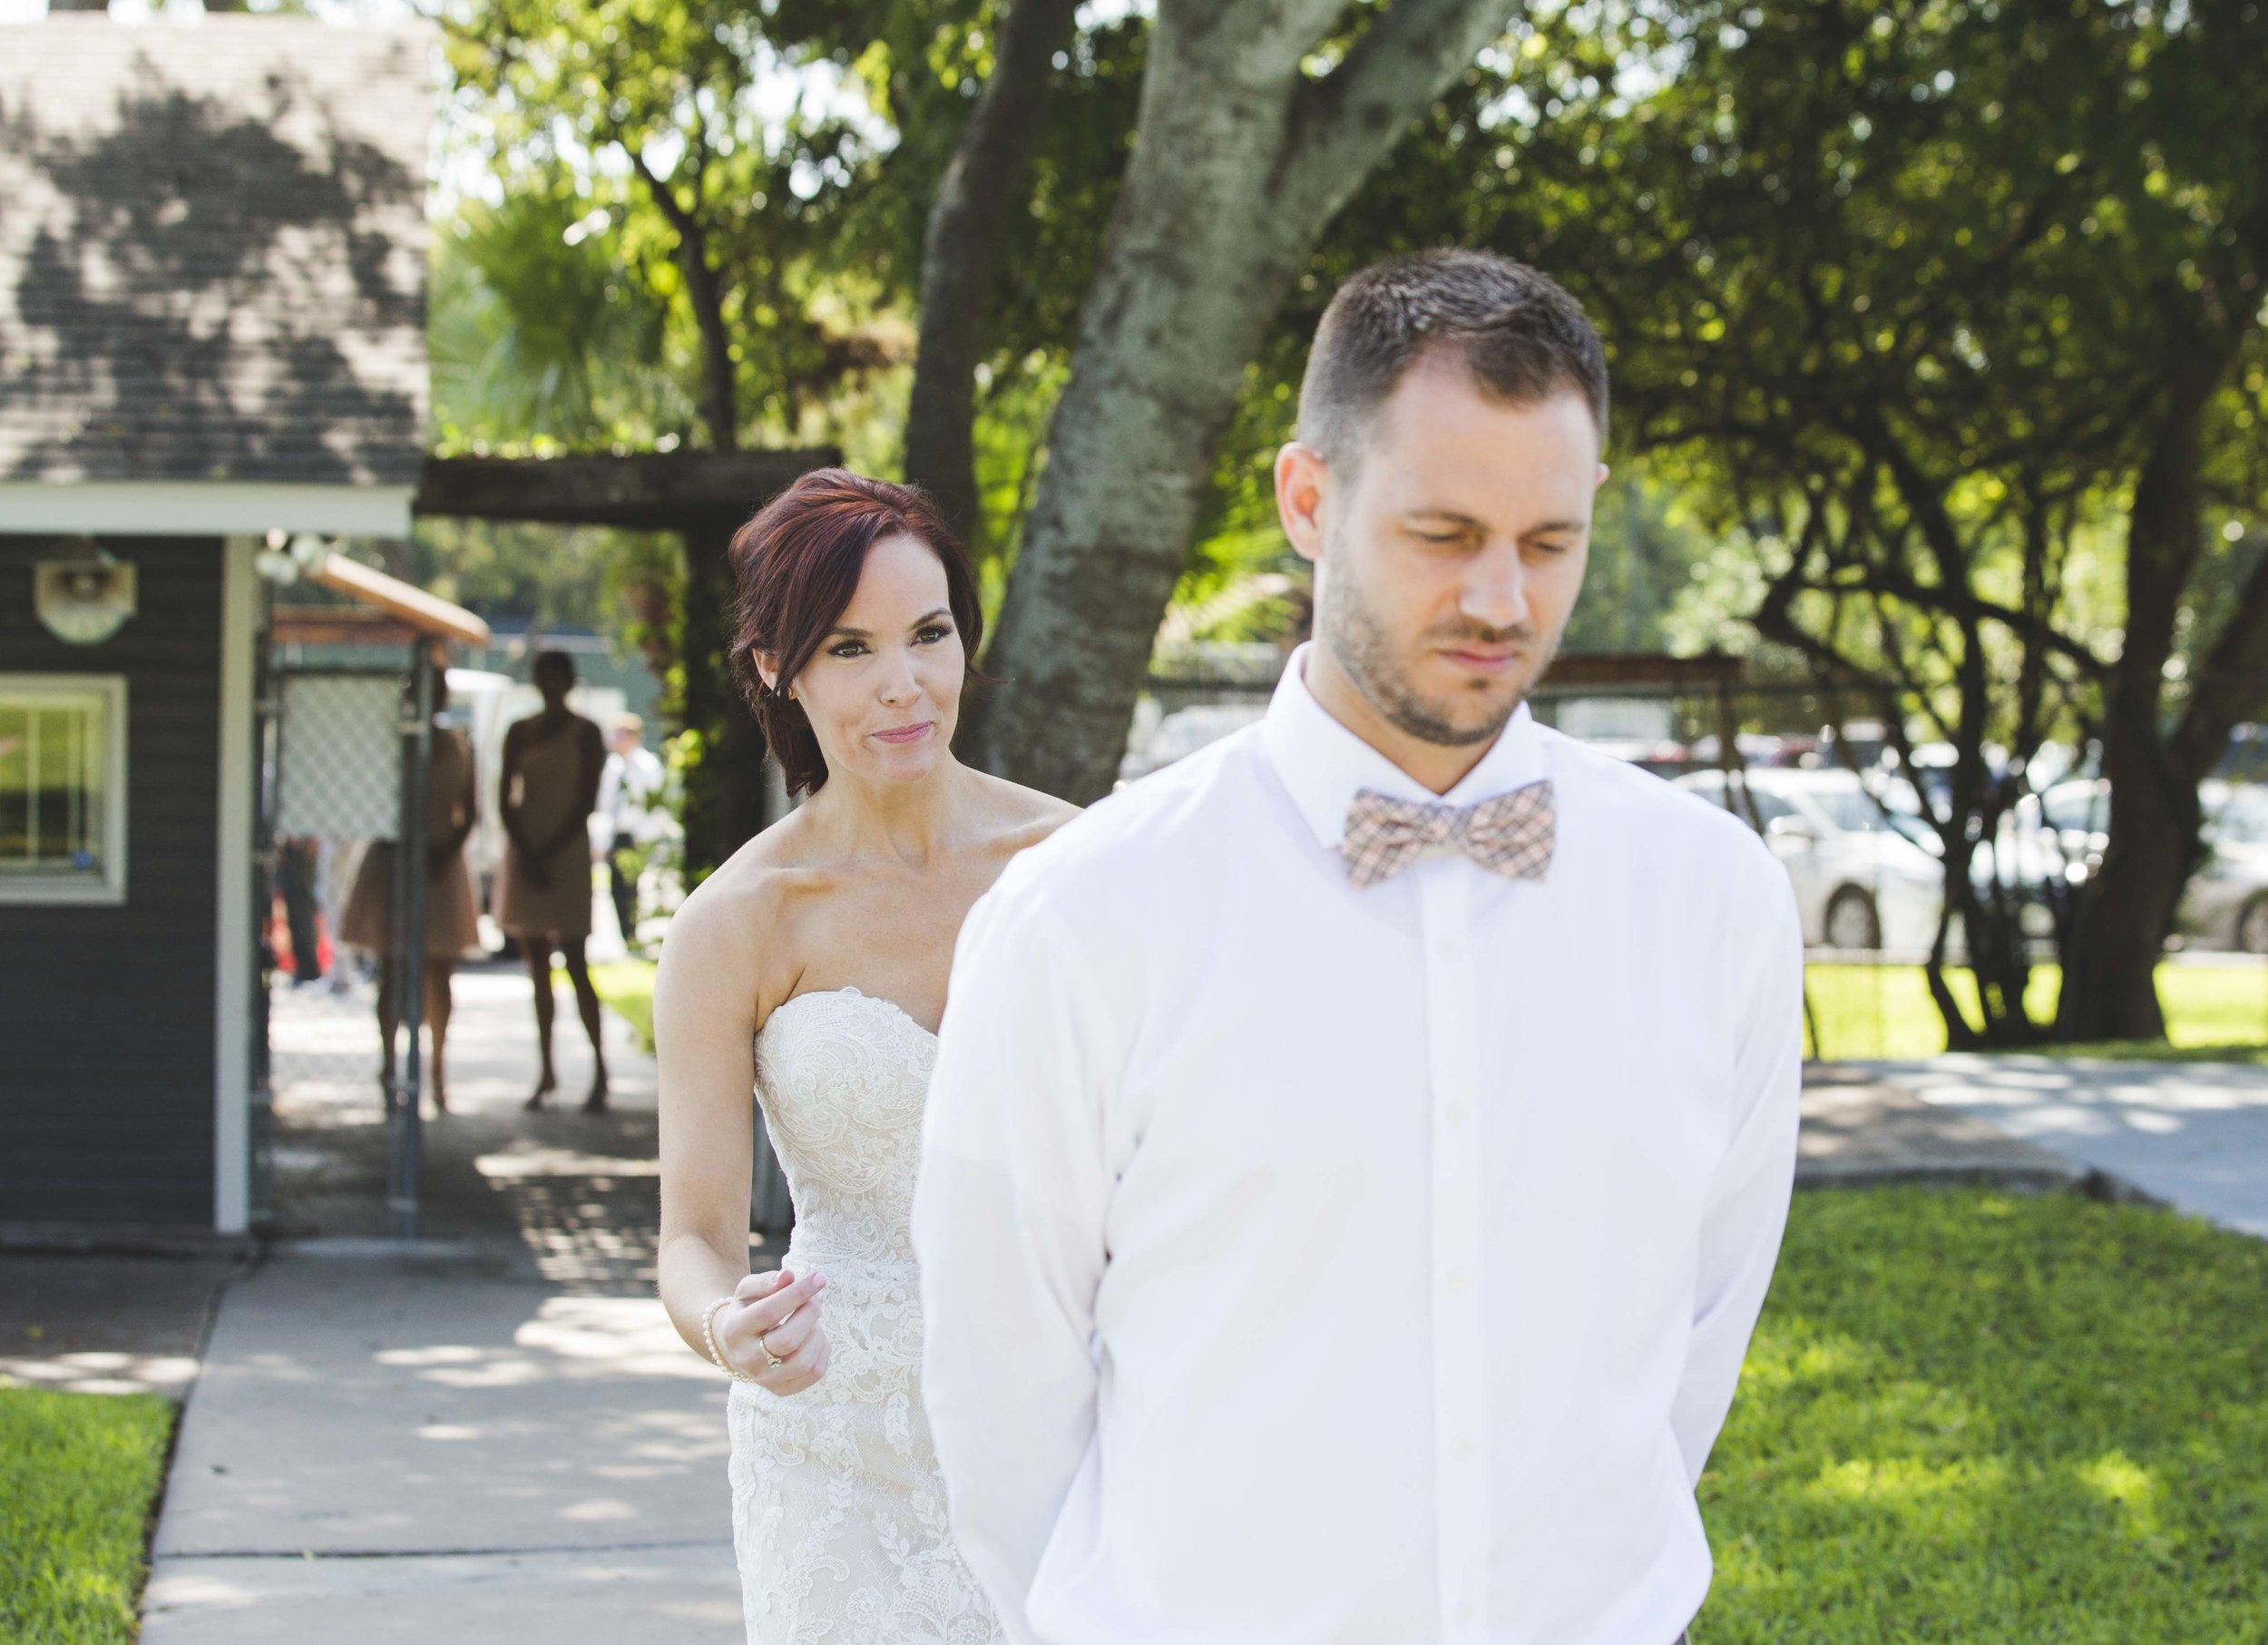 ATGI_Susanna & Matt Wedding_717A7268.jpg